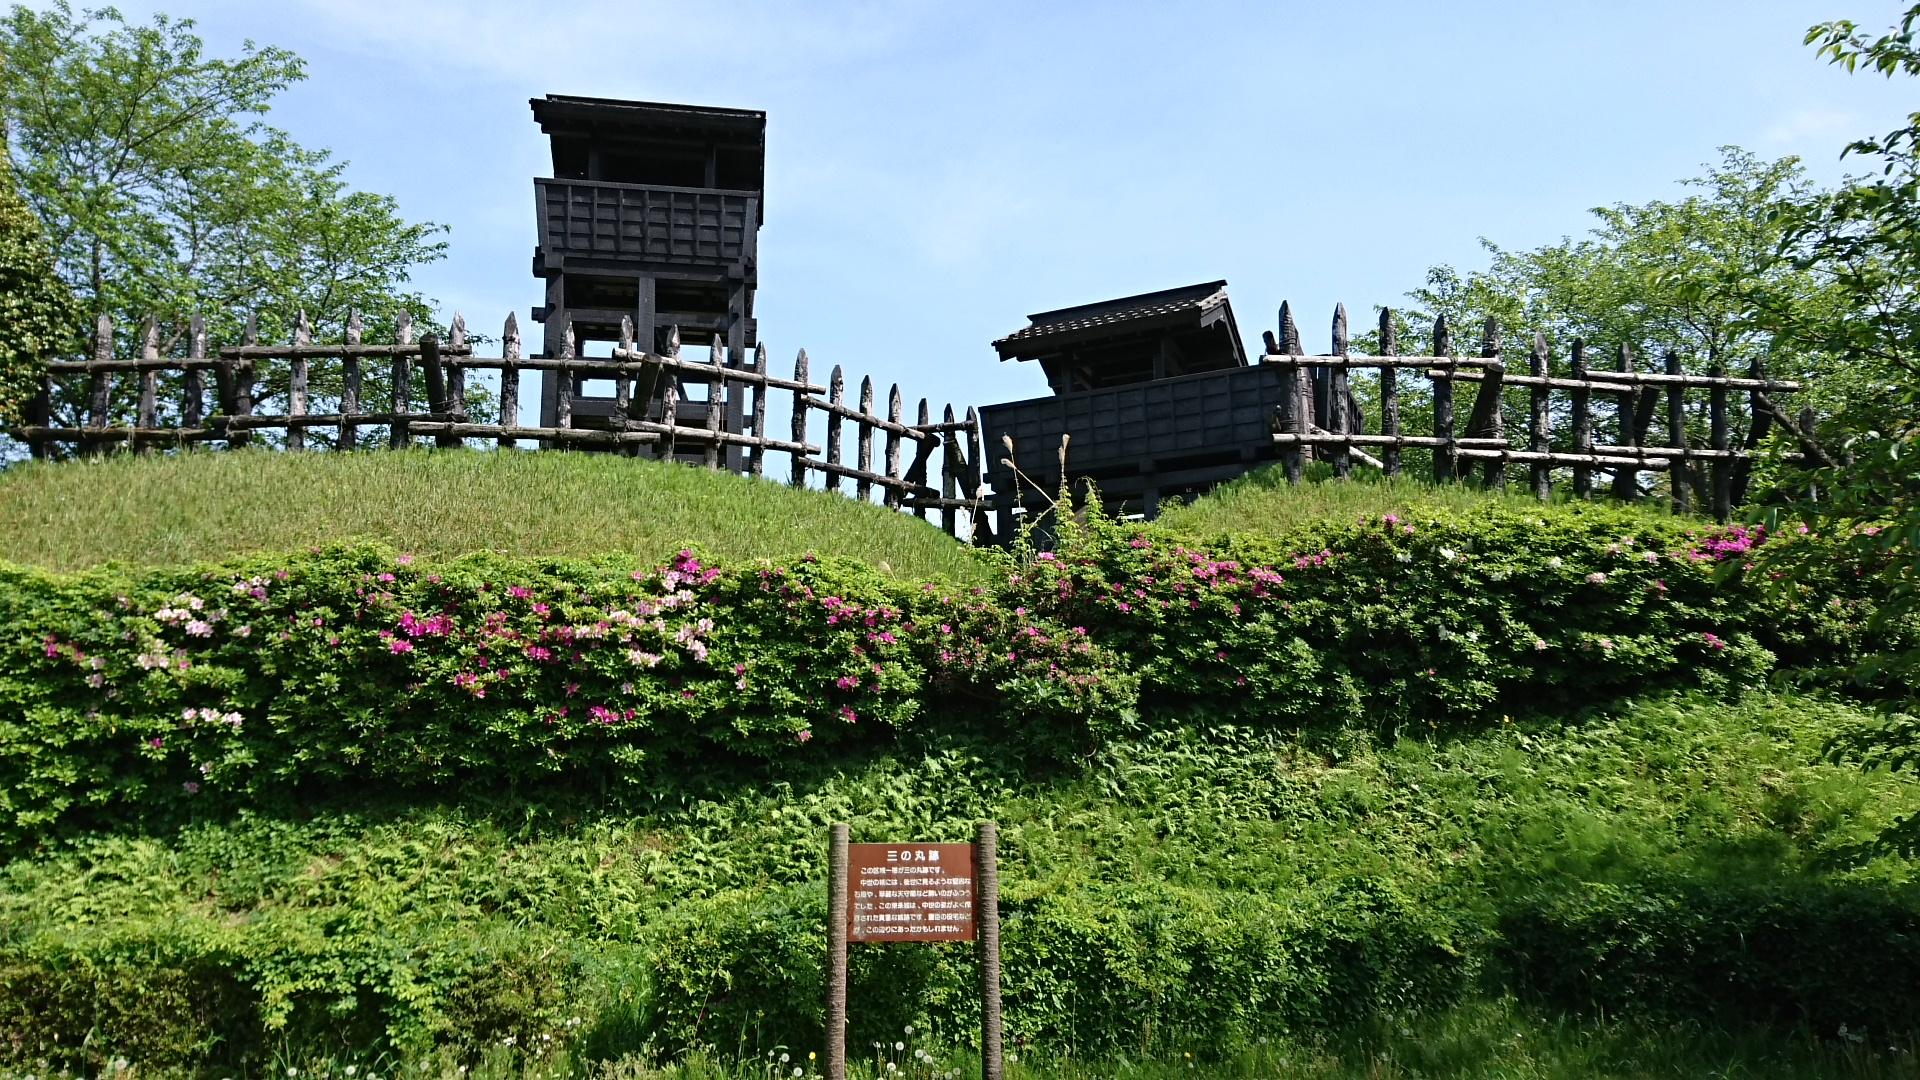 2017.5.2 東条城 (5) 副郭からみあげるものみやぐらと城門 1920-1080